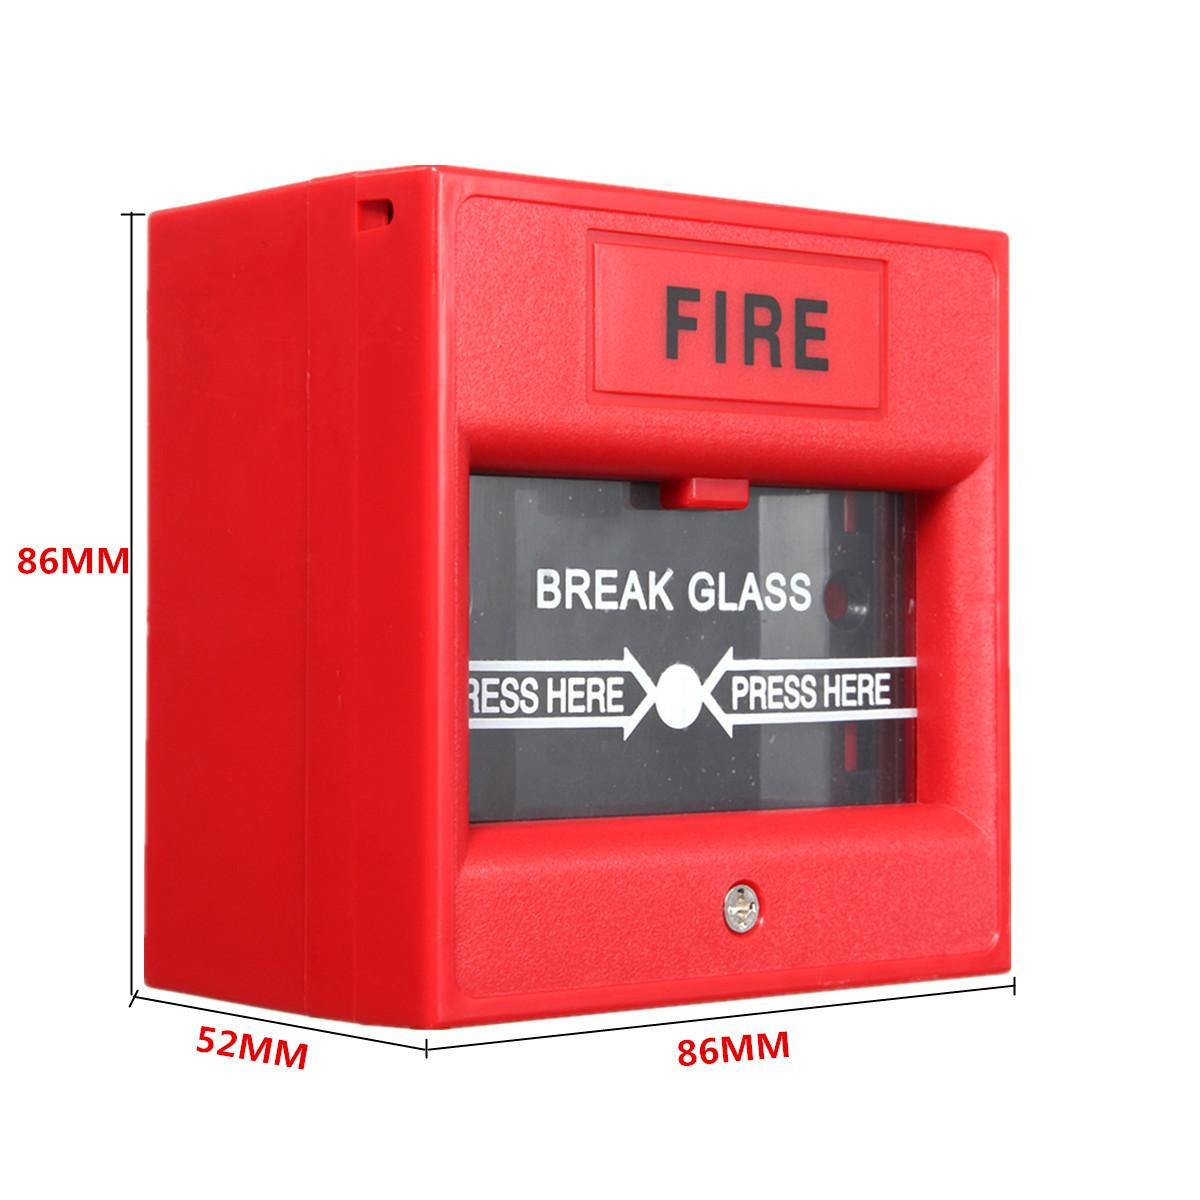 emergency door release fire alarm button call point break